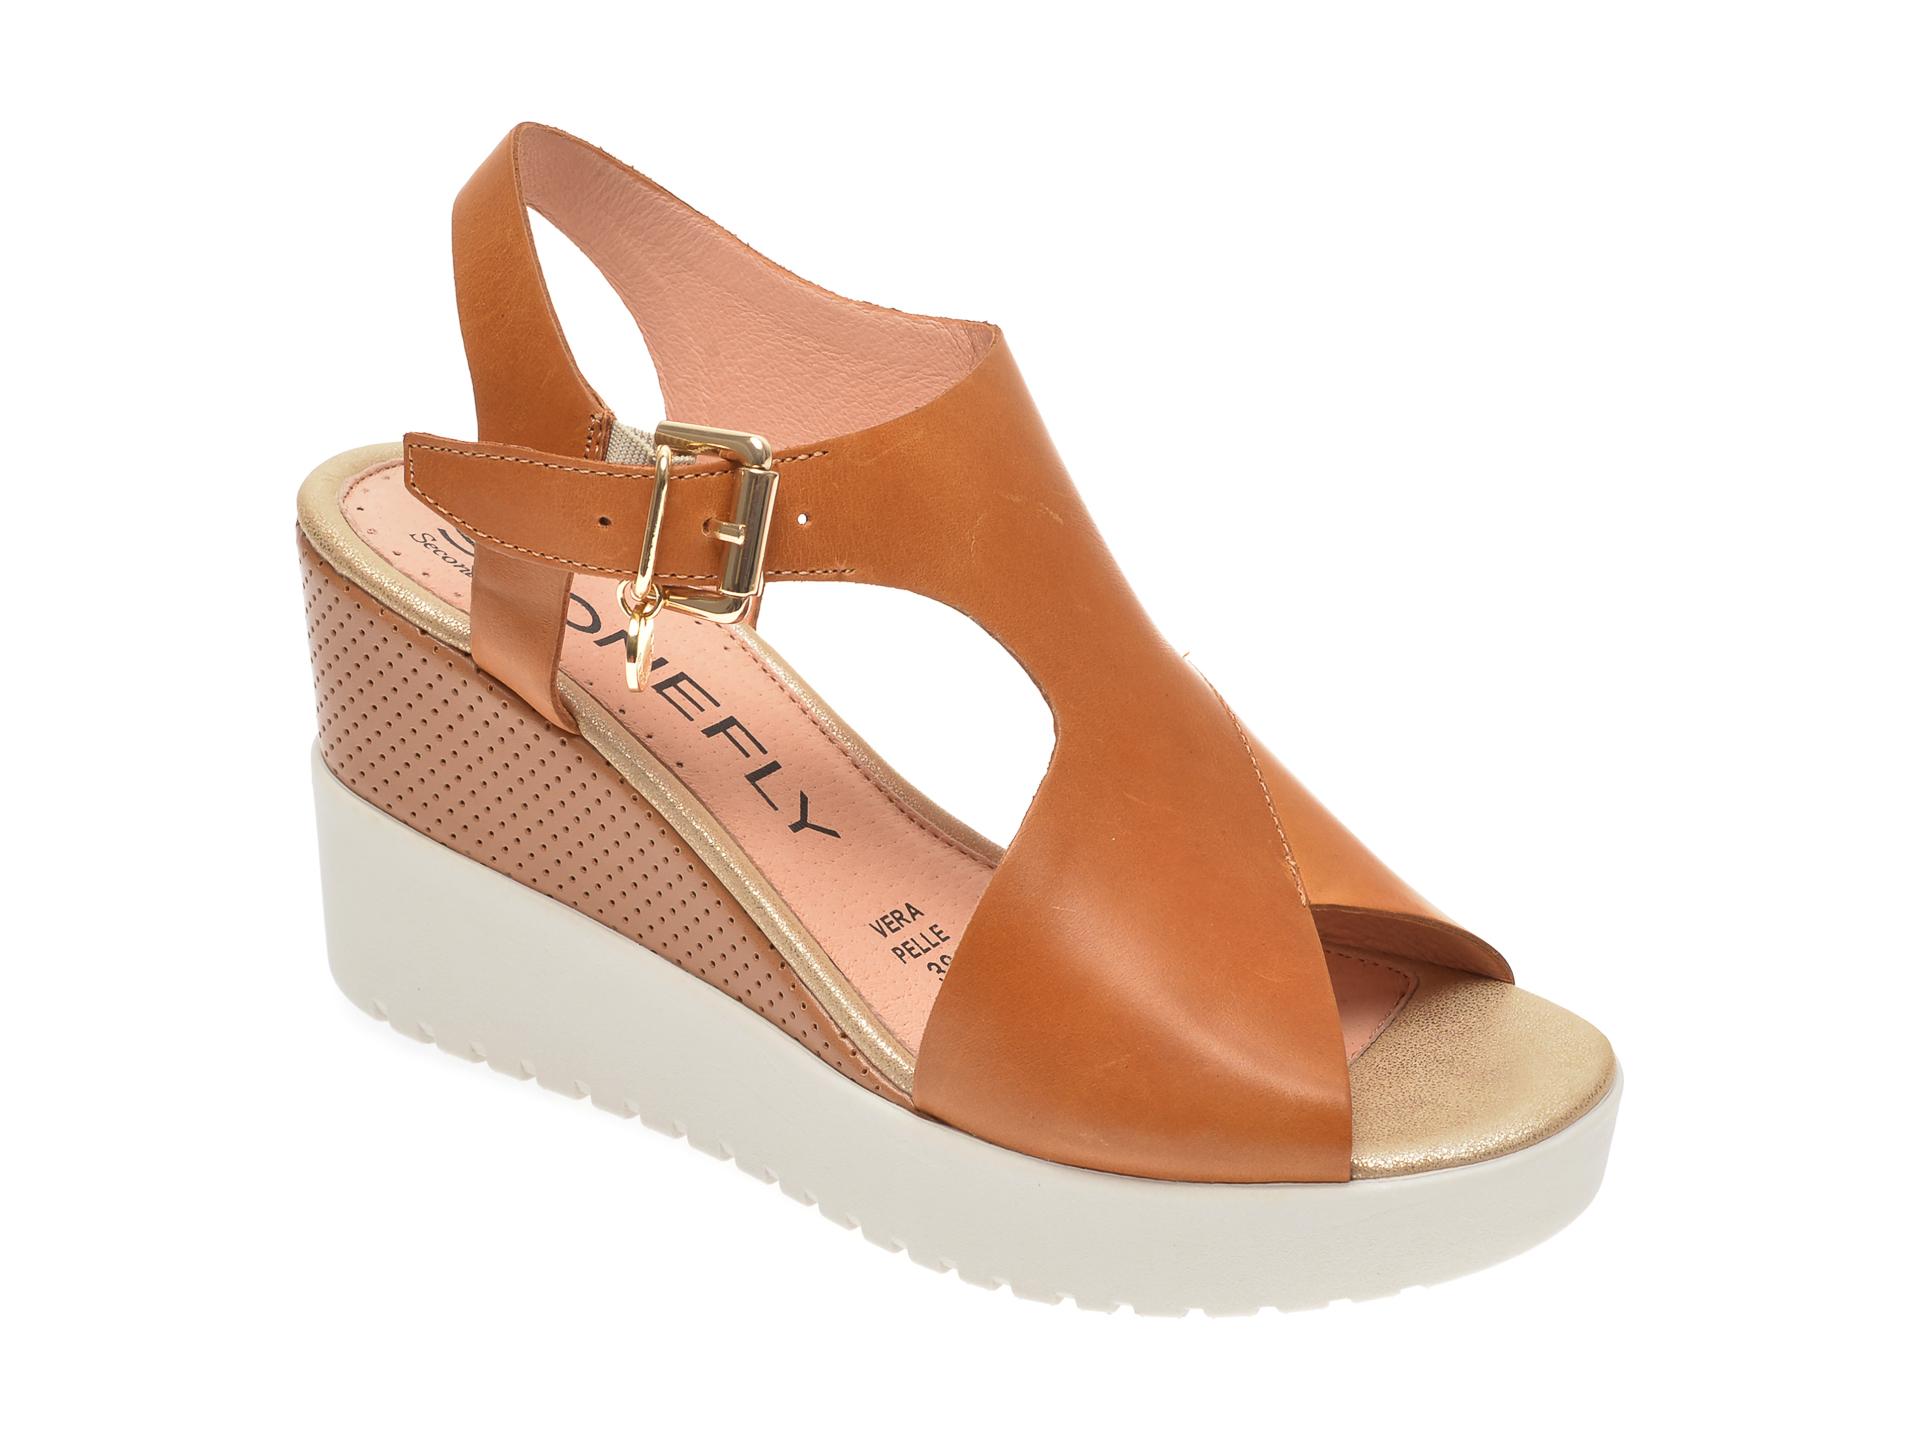 Sandale STONEFLY maro, ELY10, din piele naturala